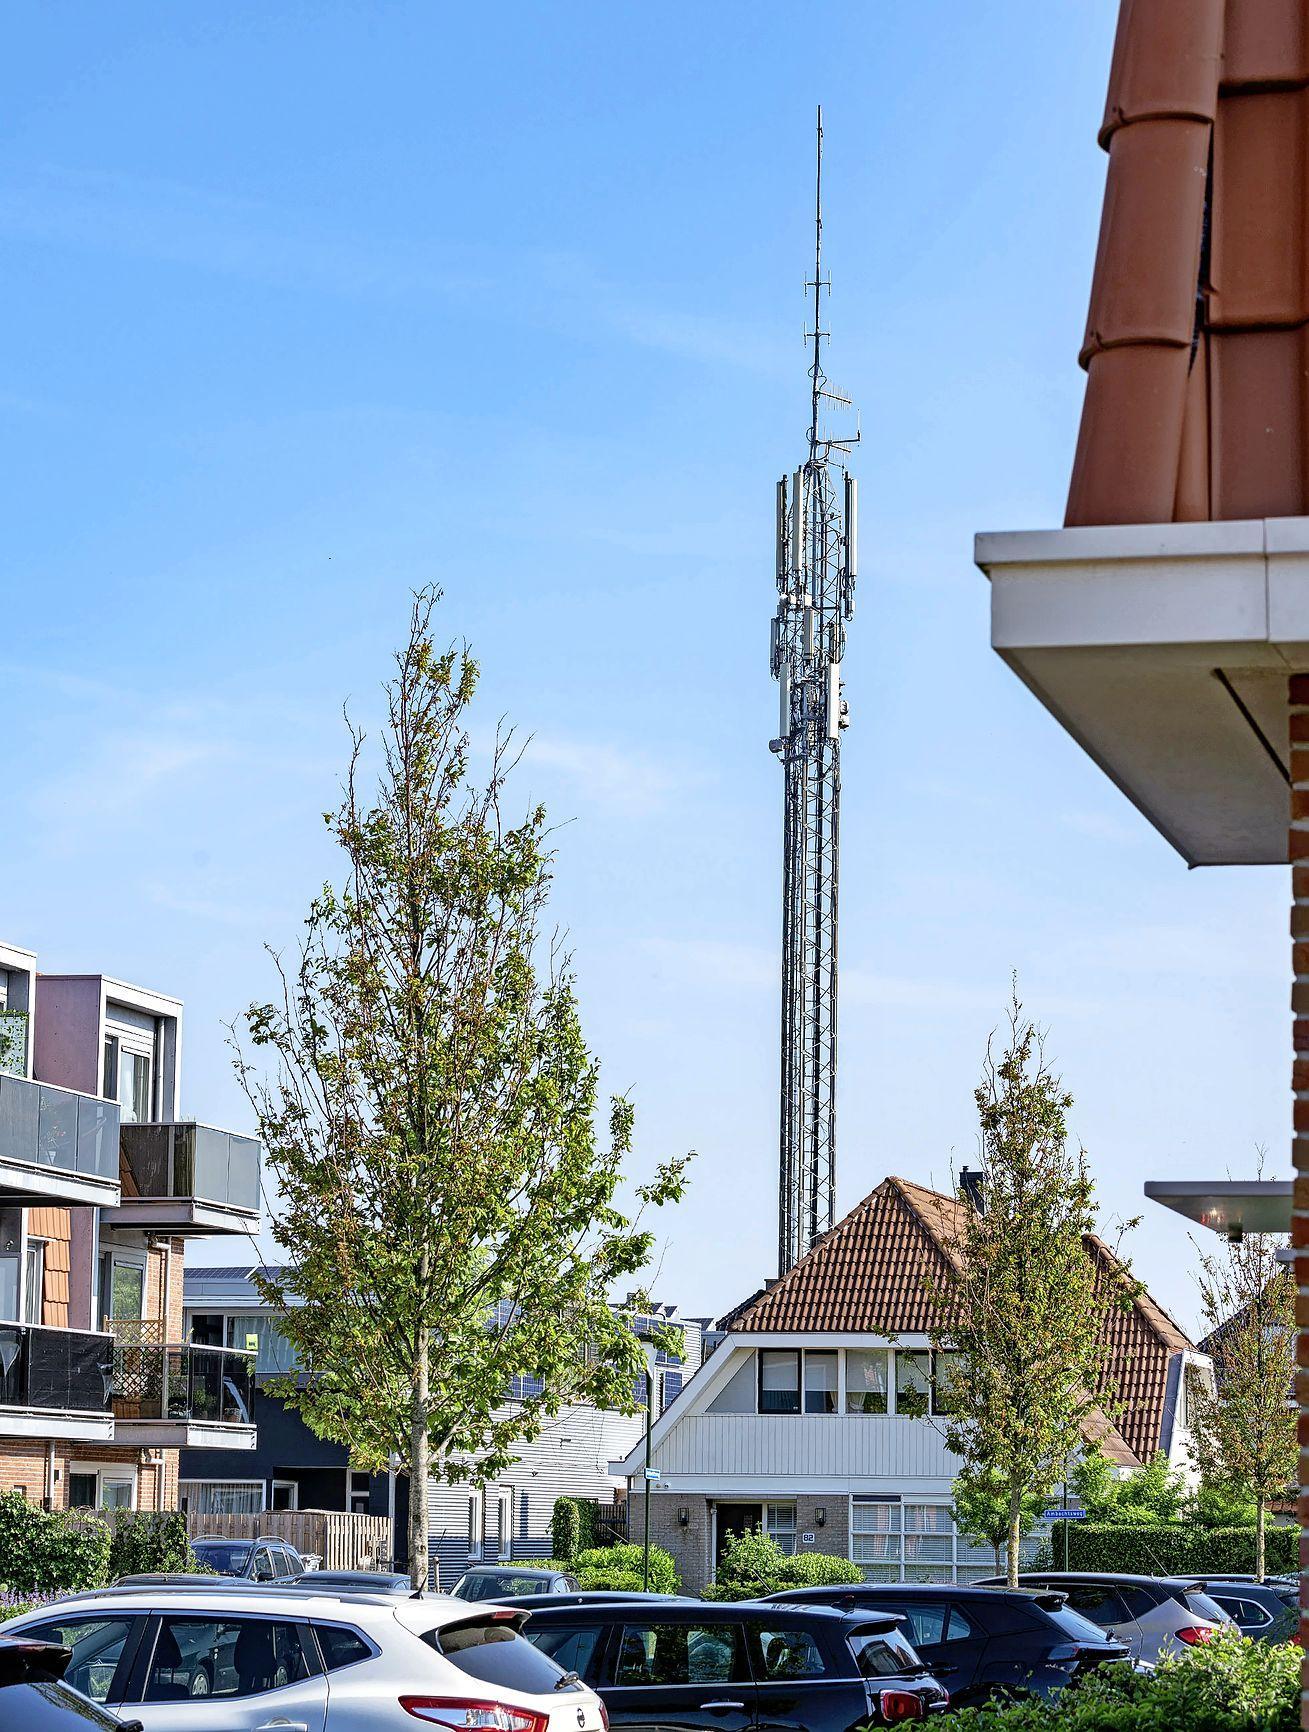 De dertig meter hoge zendmast in een woonwijk moet worden vervangen. Bewoners en gemeente zijn tegen, eigenaar en telecombedrijven boos. Witte vlekken of angst voor straling, wat weegt het zwaarst?